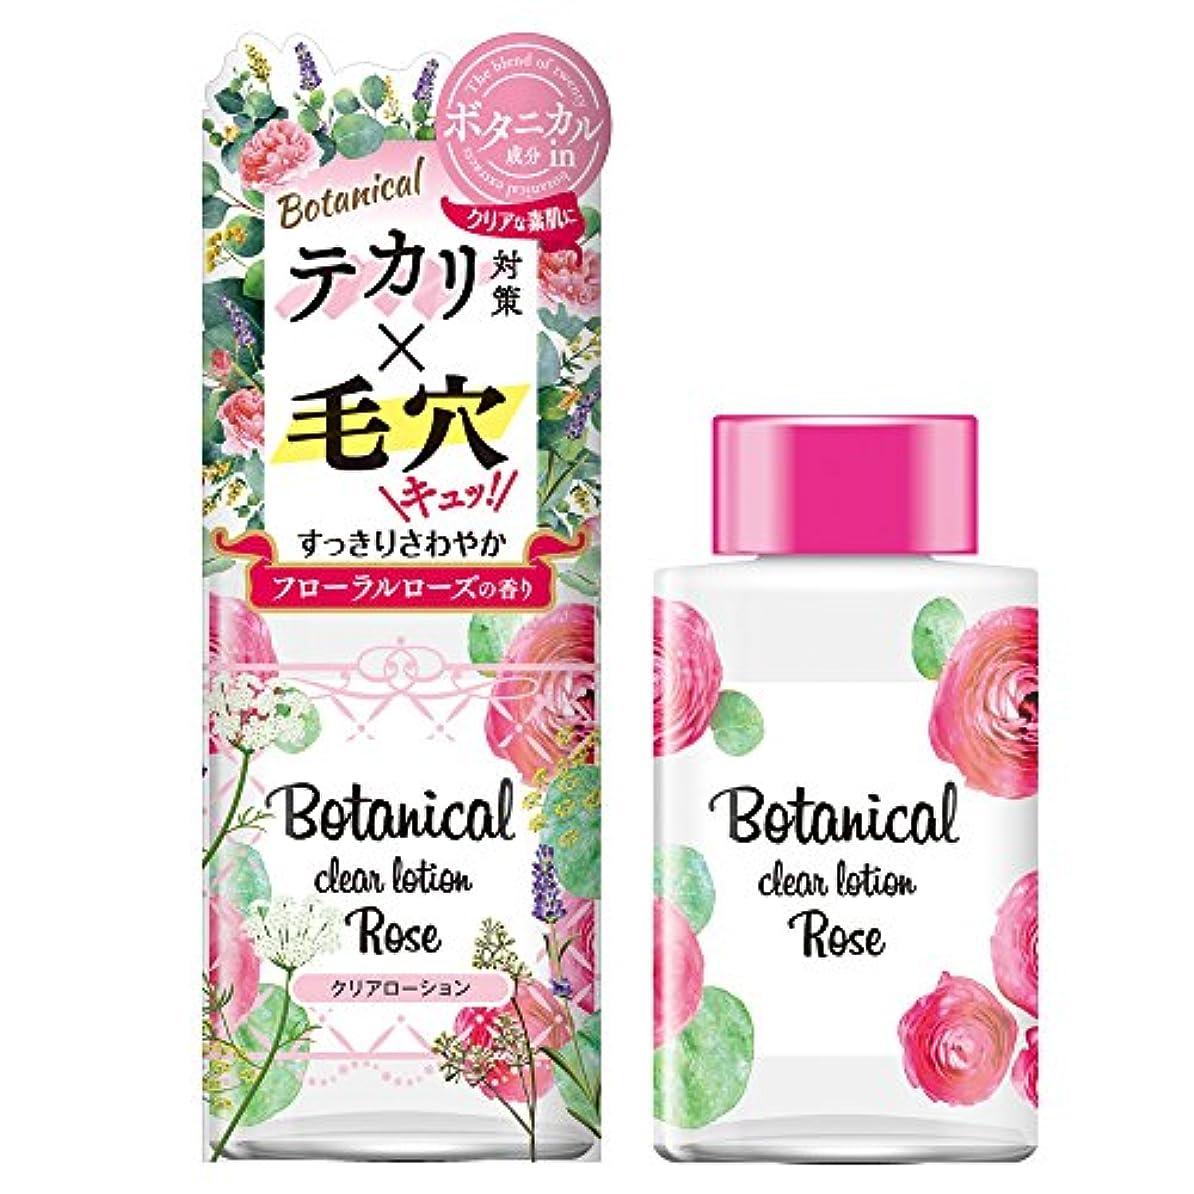 ラベル原始的な代数ボタニカル クリアローション フローラルローズの香り